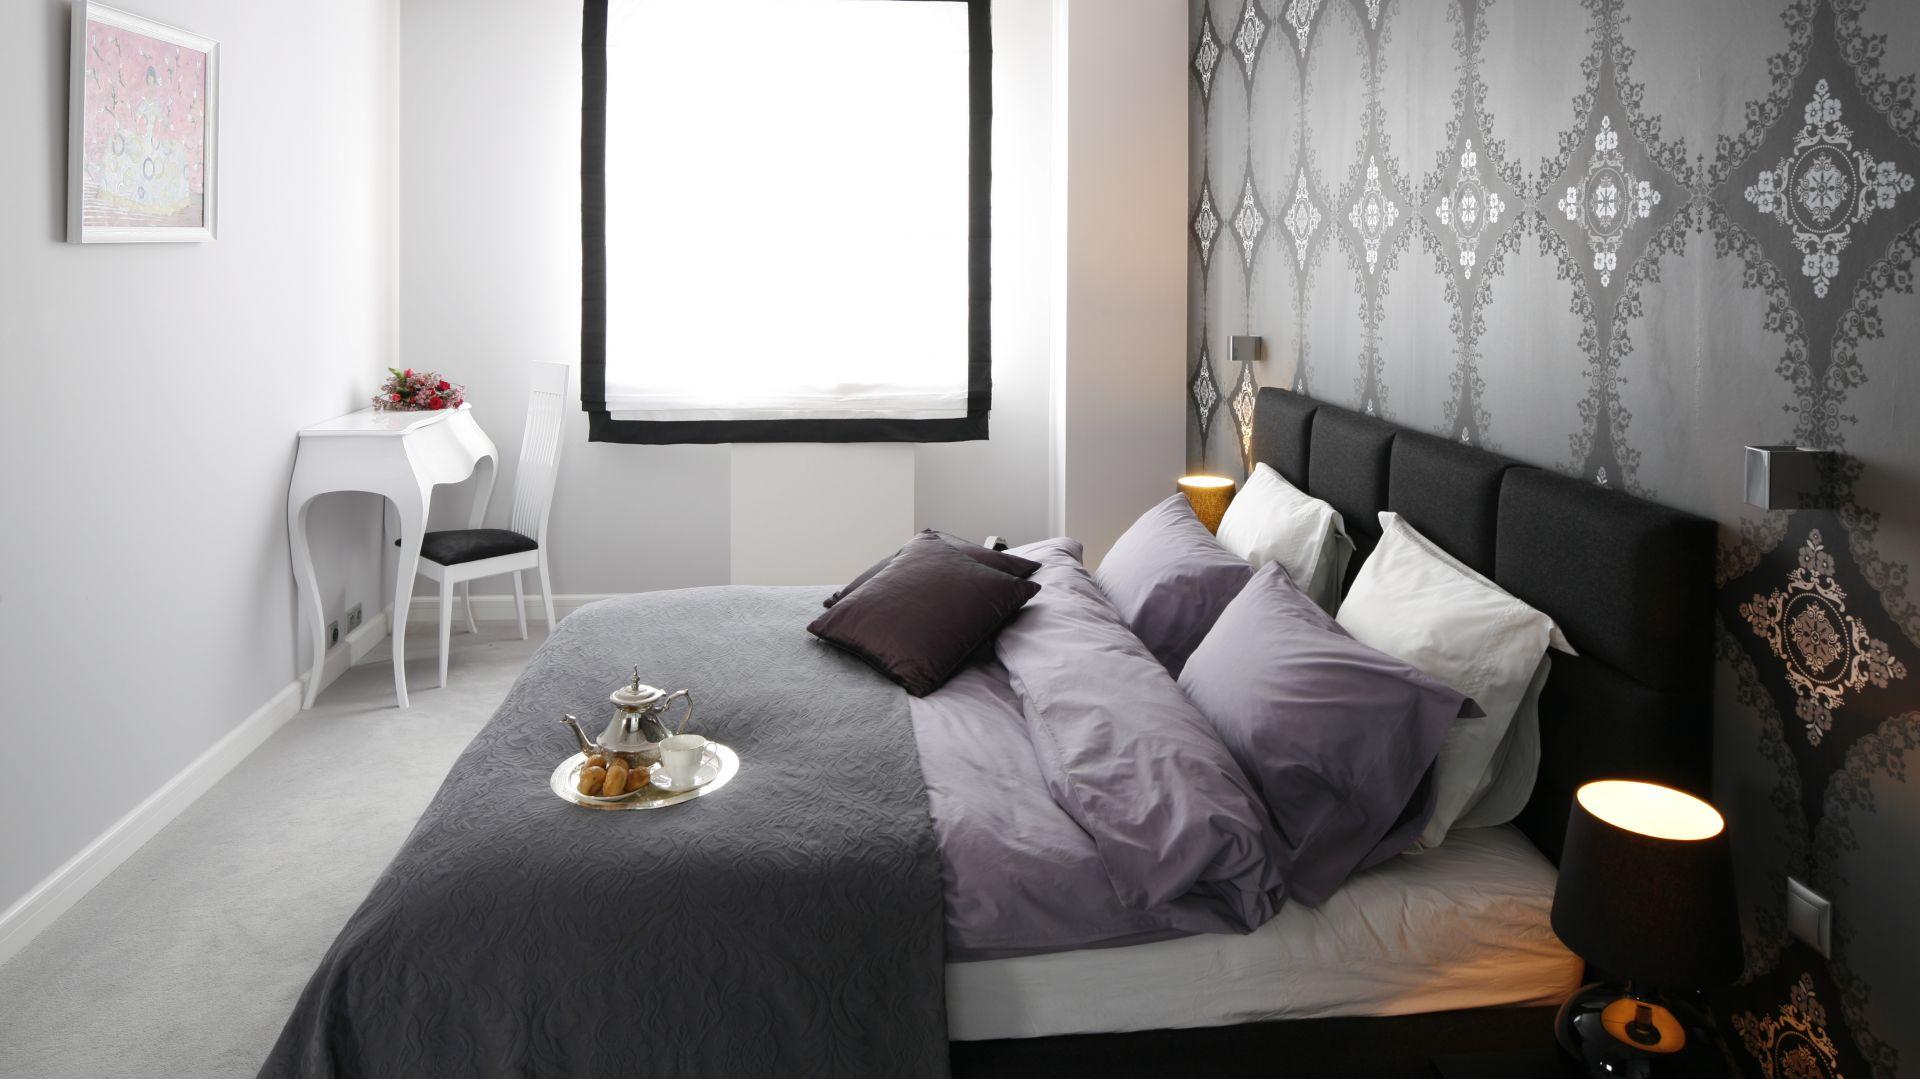 Miękkie, duże łóżko to podstawowe wyposażenie każdej sypialni, a zdrowy i porządny sen to podstawa dobrego samopoczucia za dnia. Projekt: Magdalena Smyk. Fot. Bartosz Jarosz